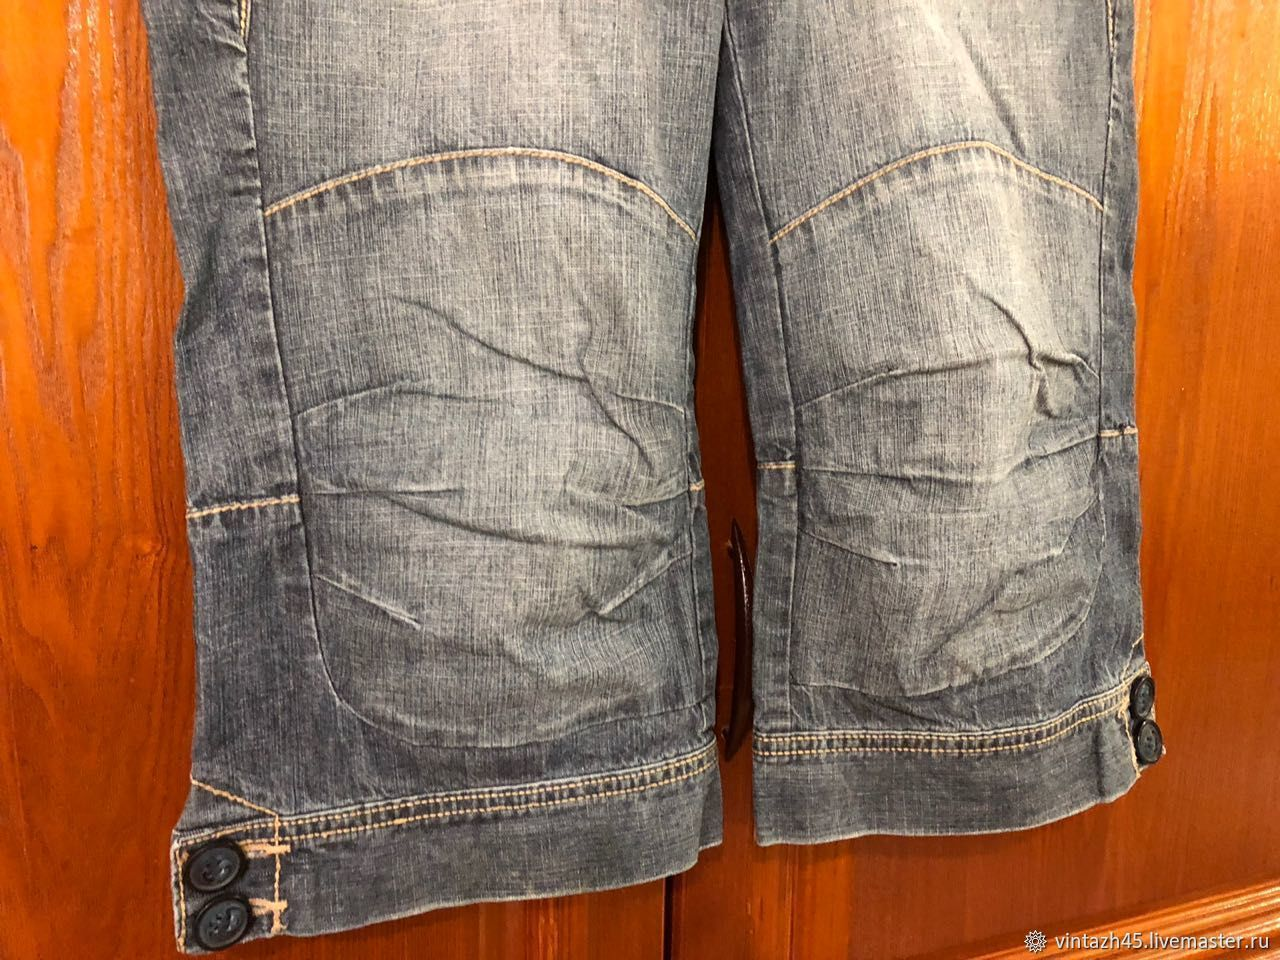 8881f9b4c1f ... Одежда. Винтаж  Винтажные мужские шорты. Авторские и винтажные вещи от  Ольги. Ярмарка ...